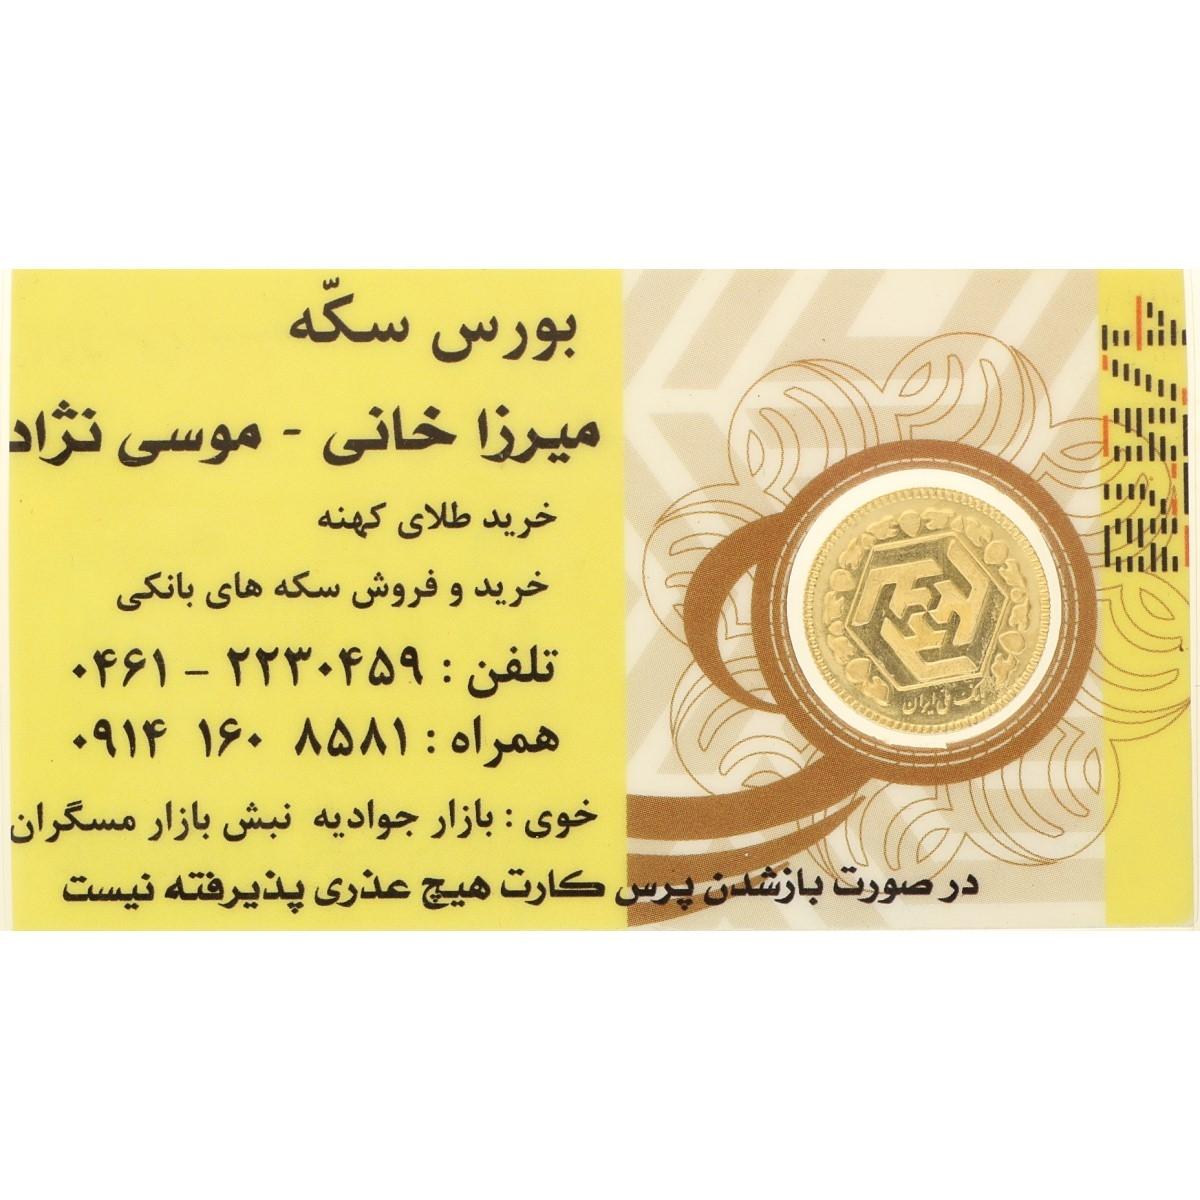 Iran - 1/2 azadi - 2007 - Freedom Spring